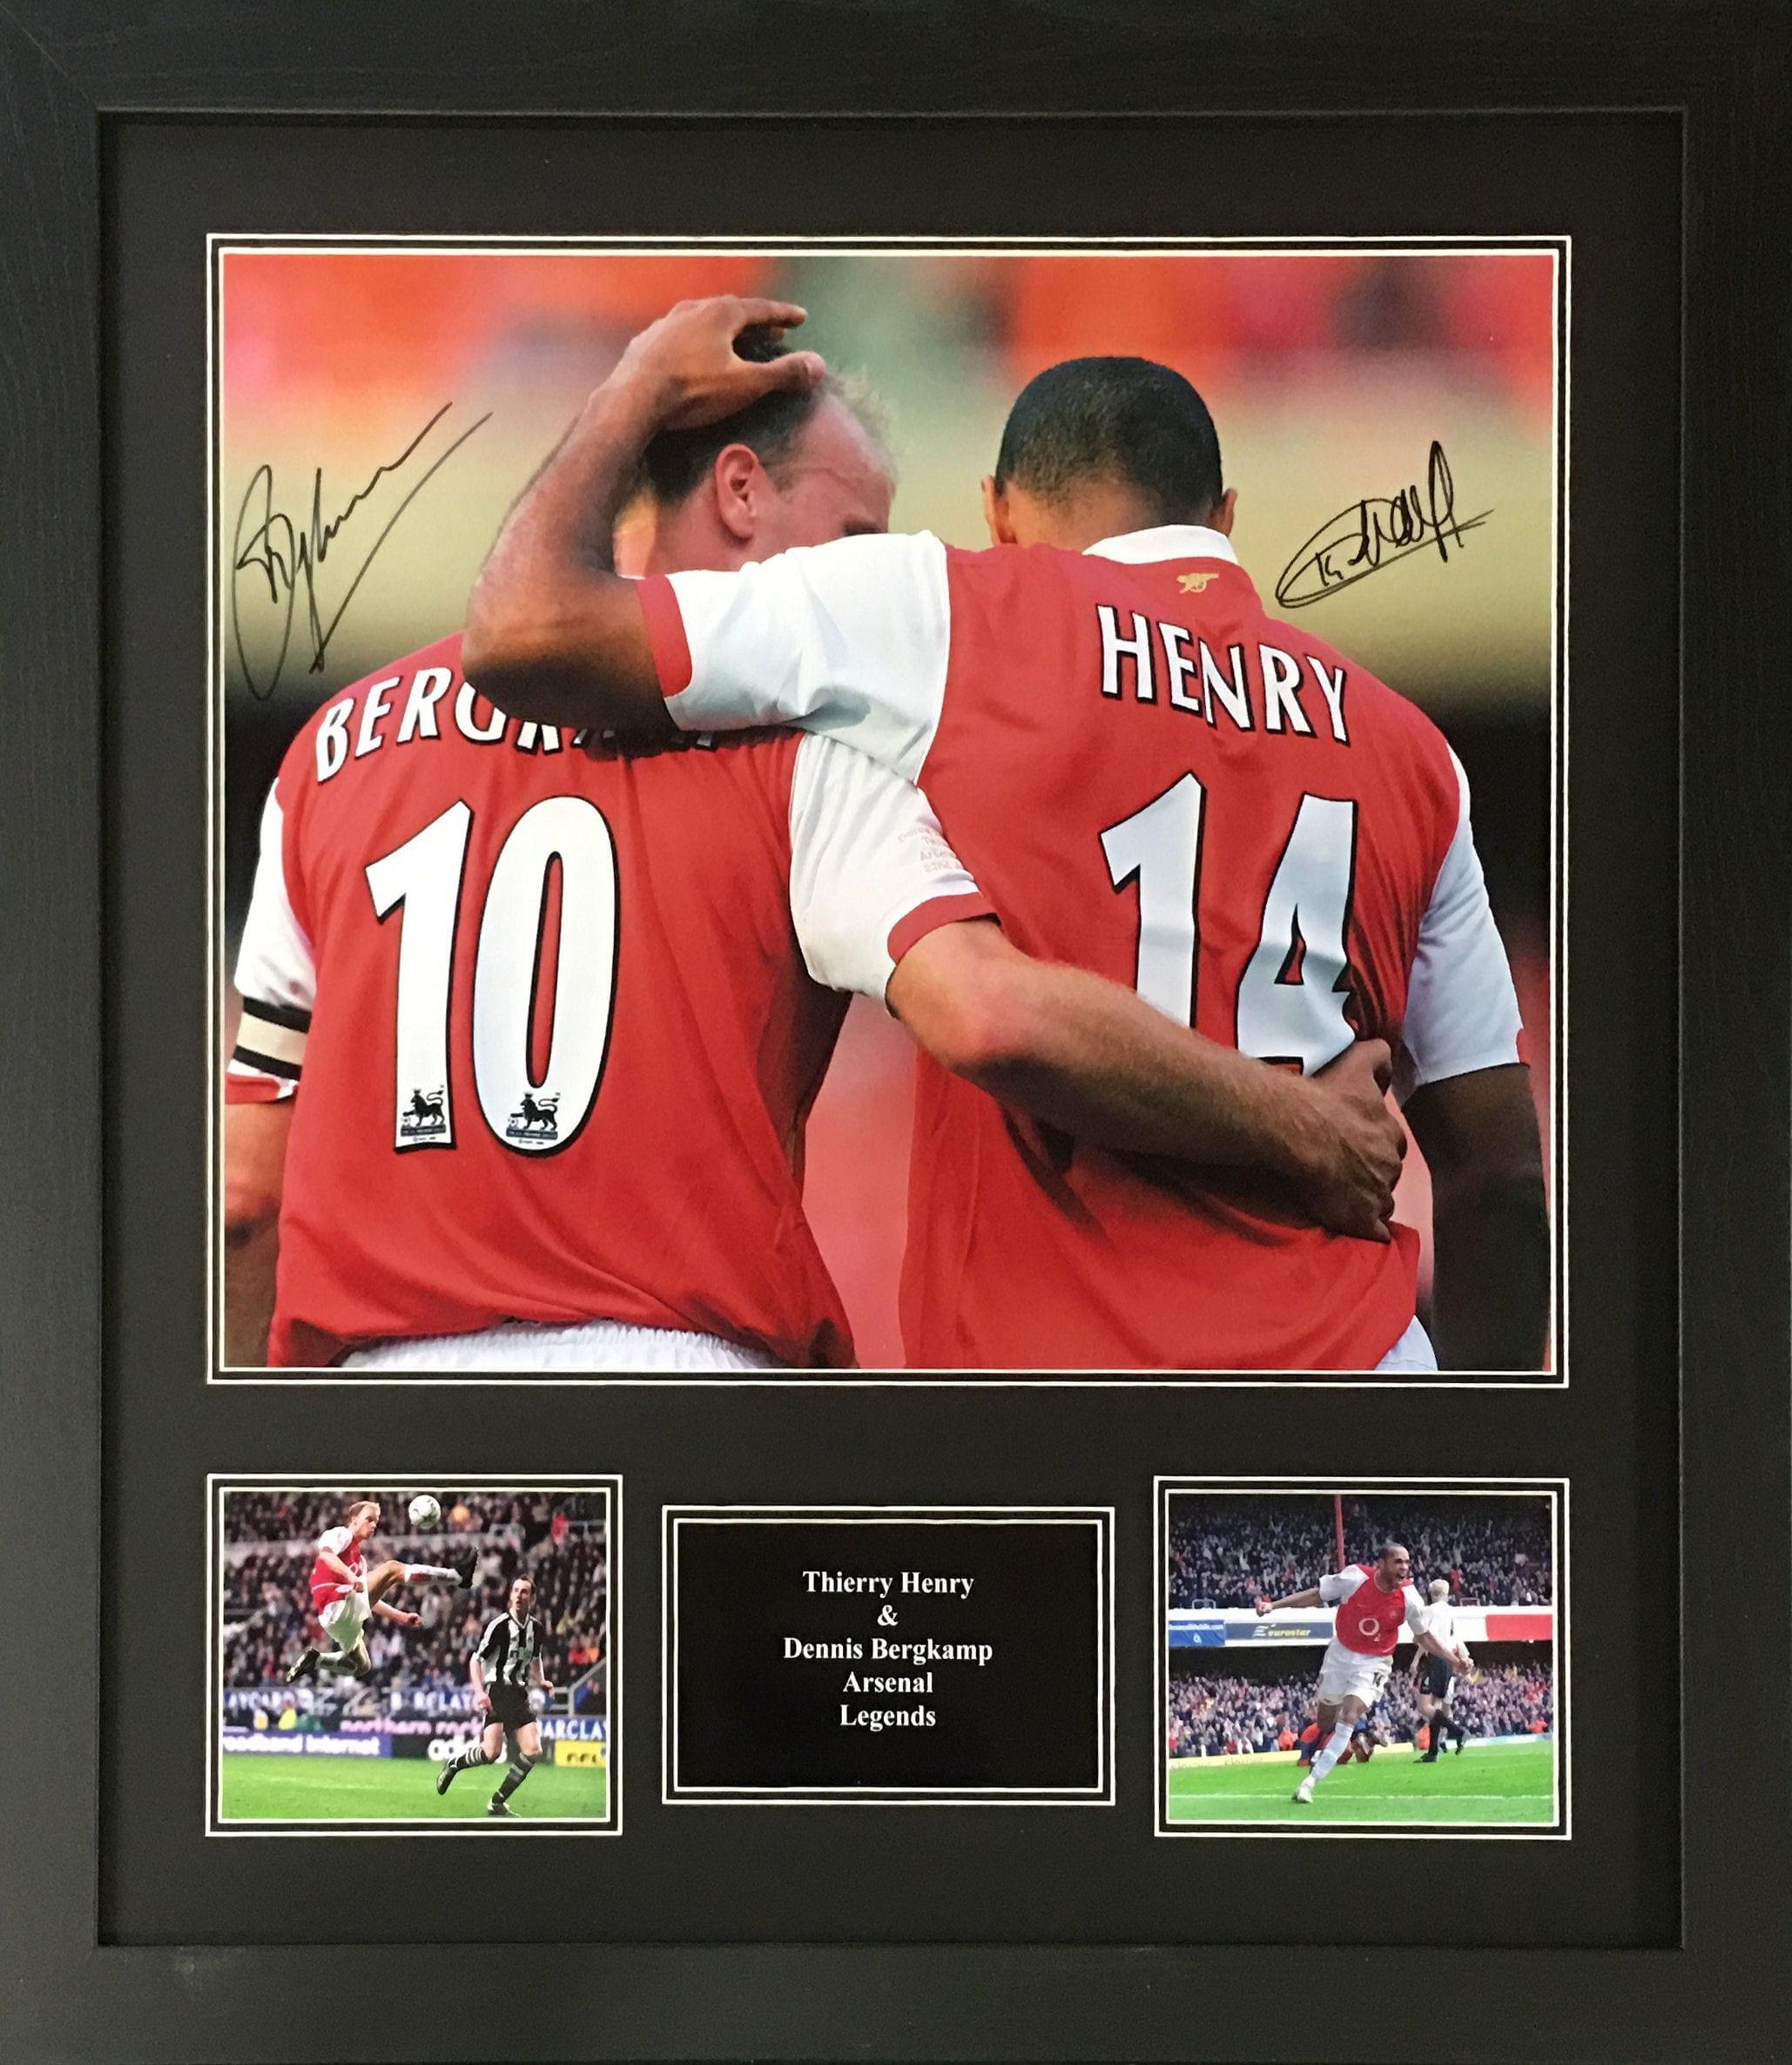 cfe35931b Henry & Bergkamp Signed Photo - Framed - National Football Museum